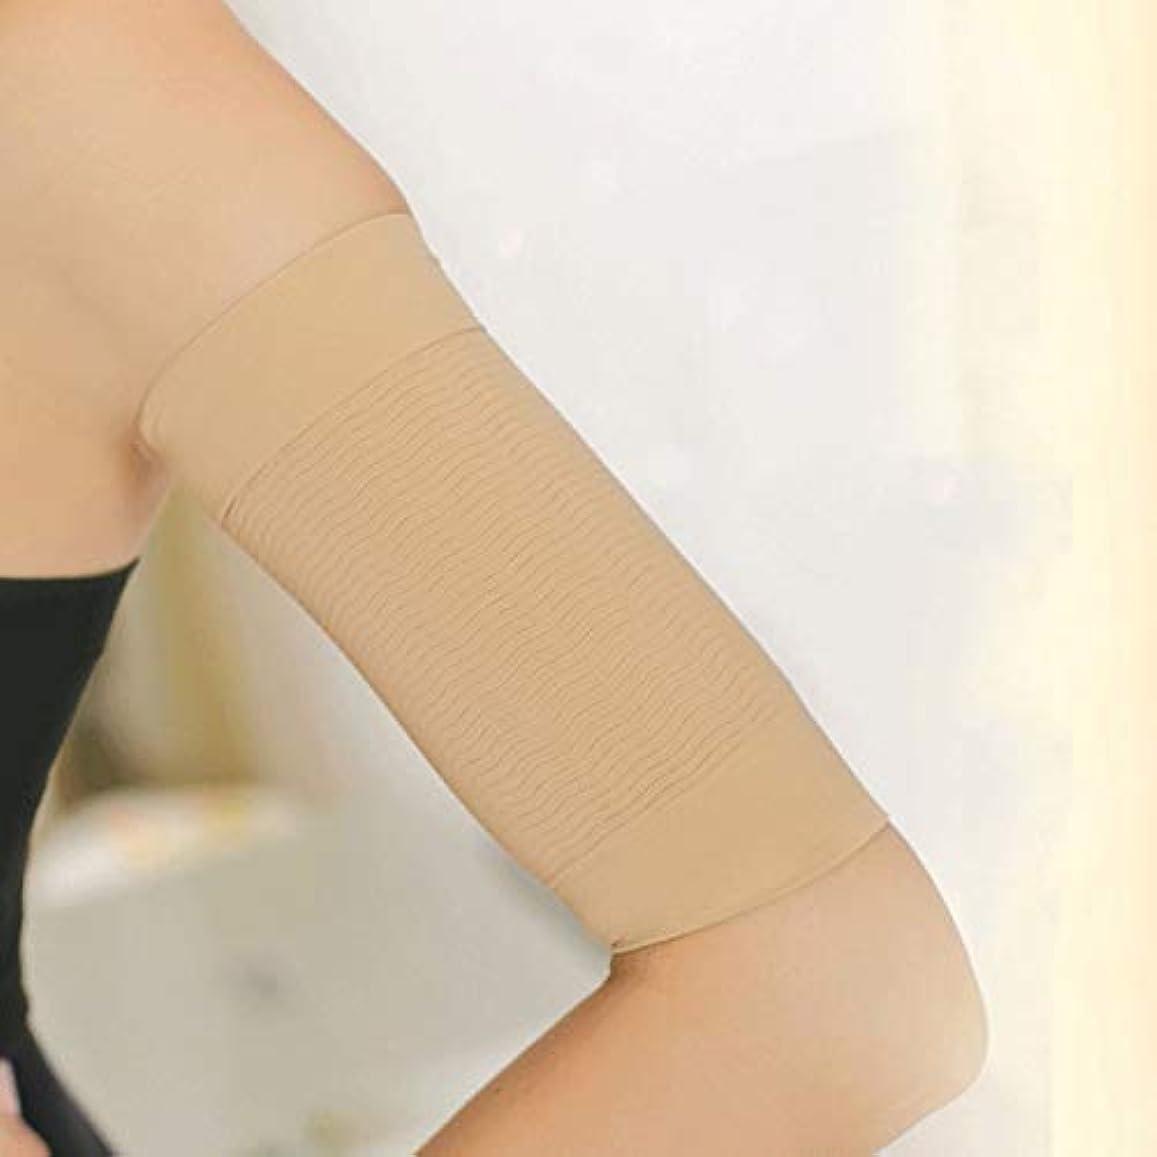 スチュアート島陰謀退屈な1ペア420 d圧縮痩身アームスリーブワークアウトトーニングバーンセルライトシェイパー脂肪燃焼袖用女性